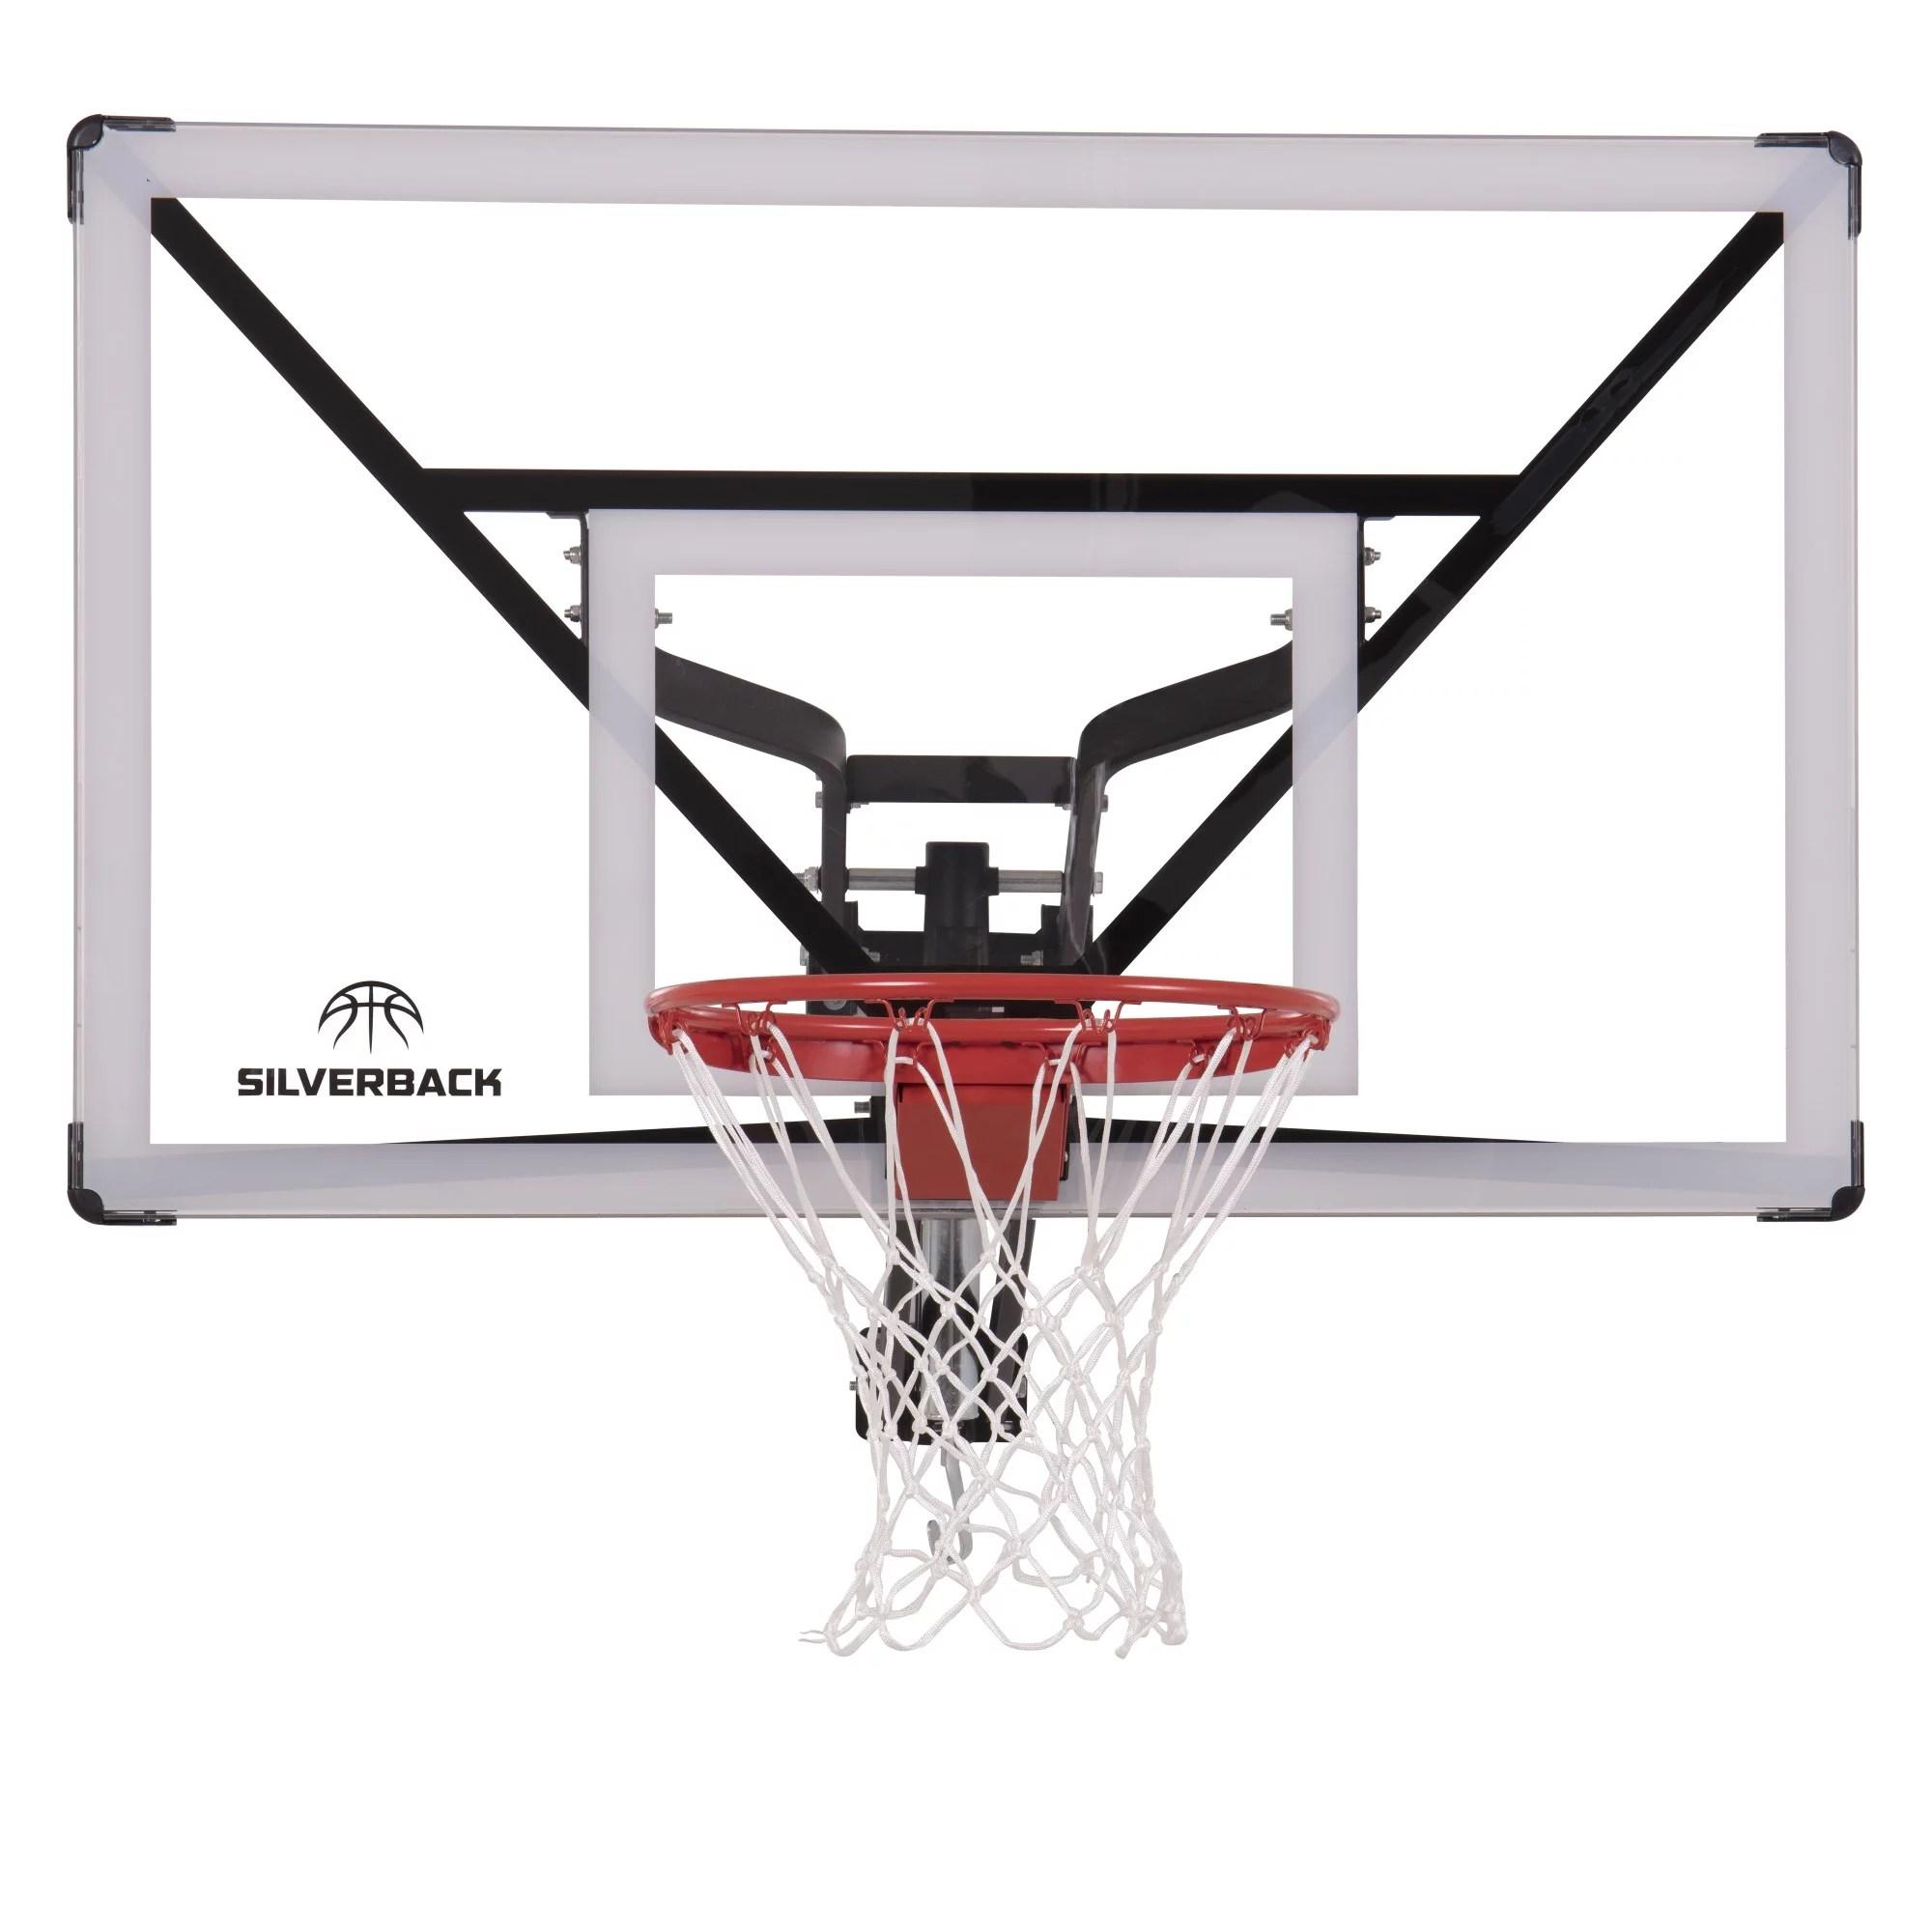 Best Wood For Basketball Backboard